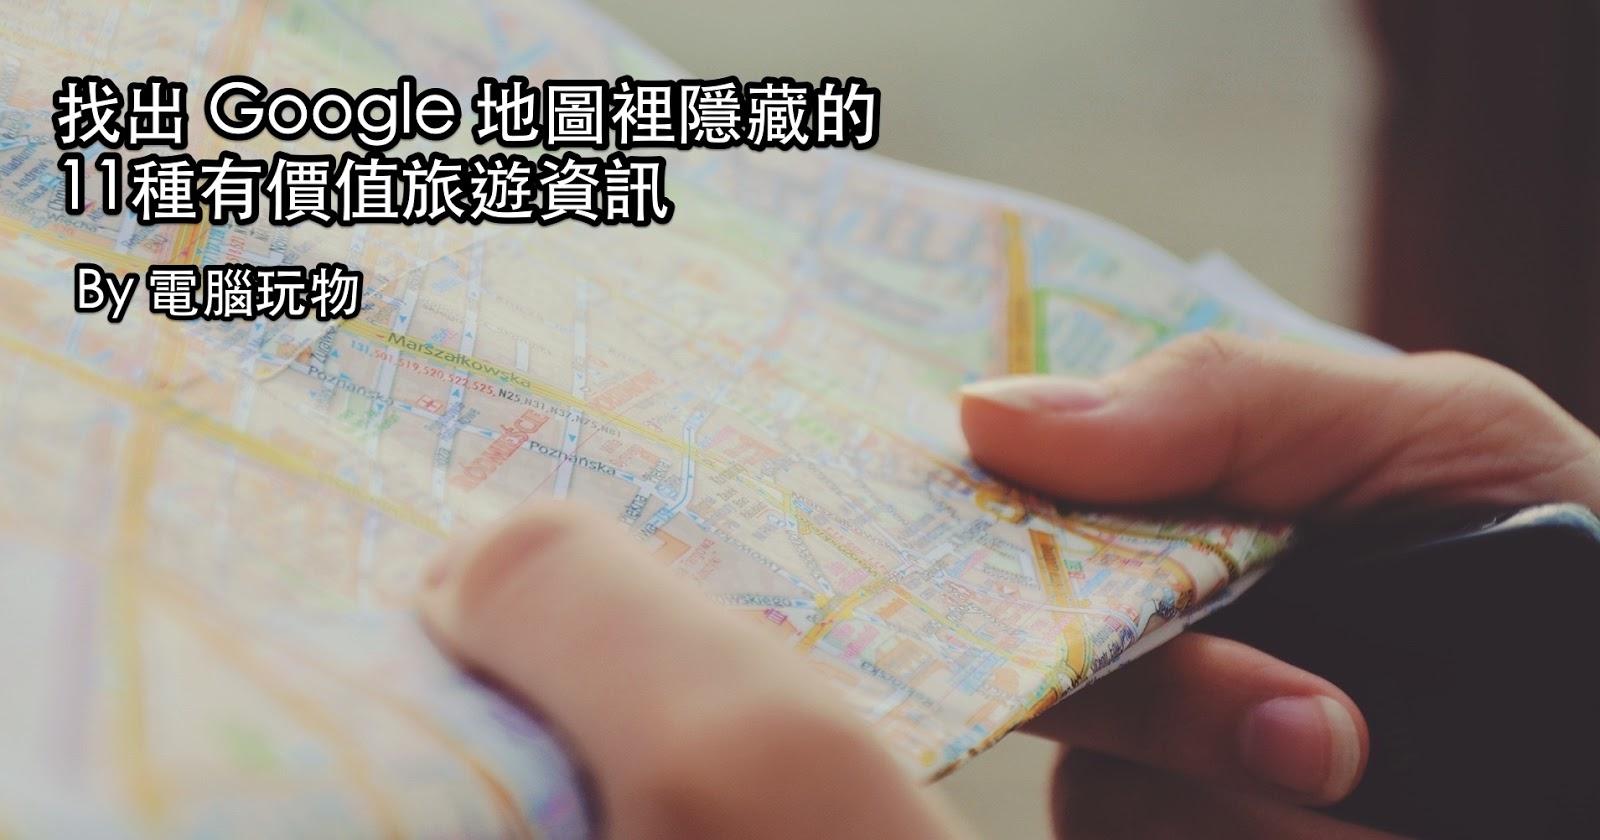 找出 Google 地圖裡隱藏的11種有價值旅遊資訊